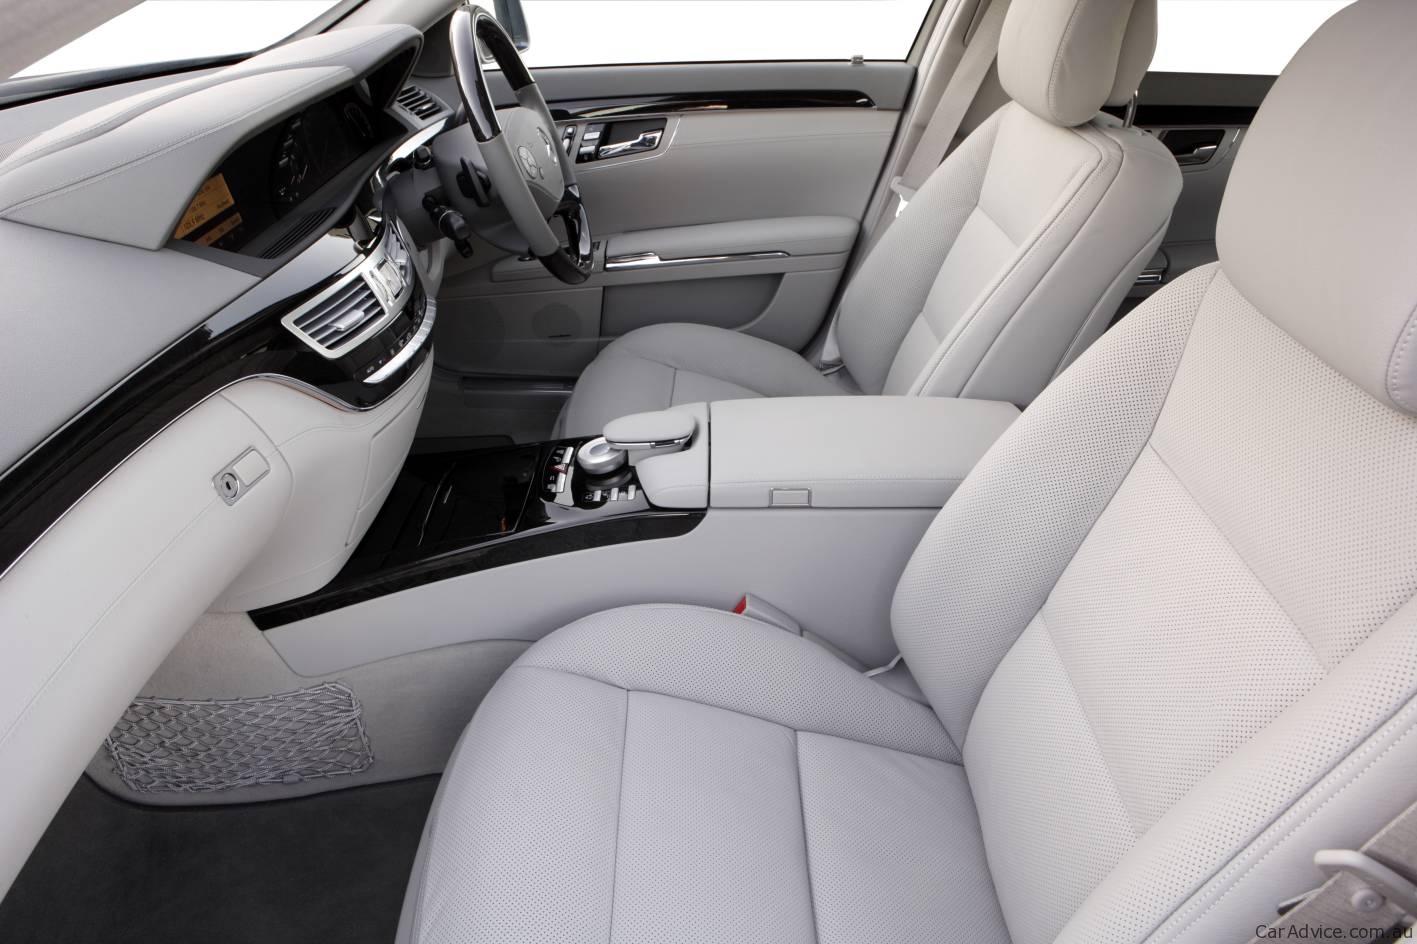 Mercedes-Benz-S-Class-seats-1